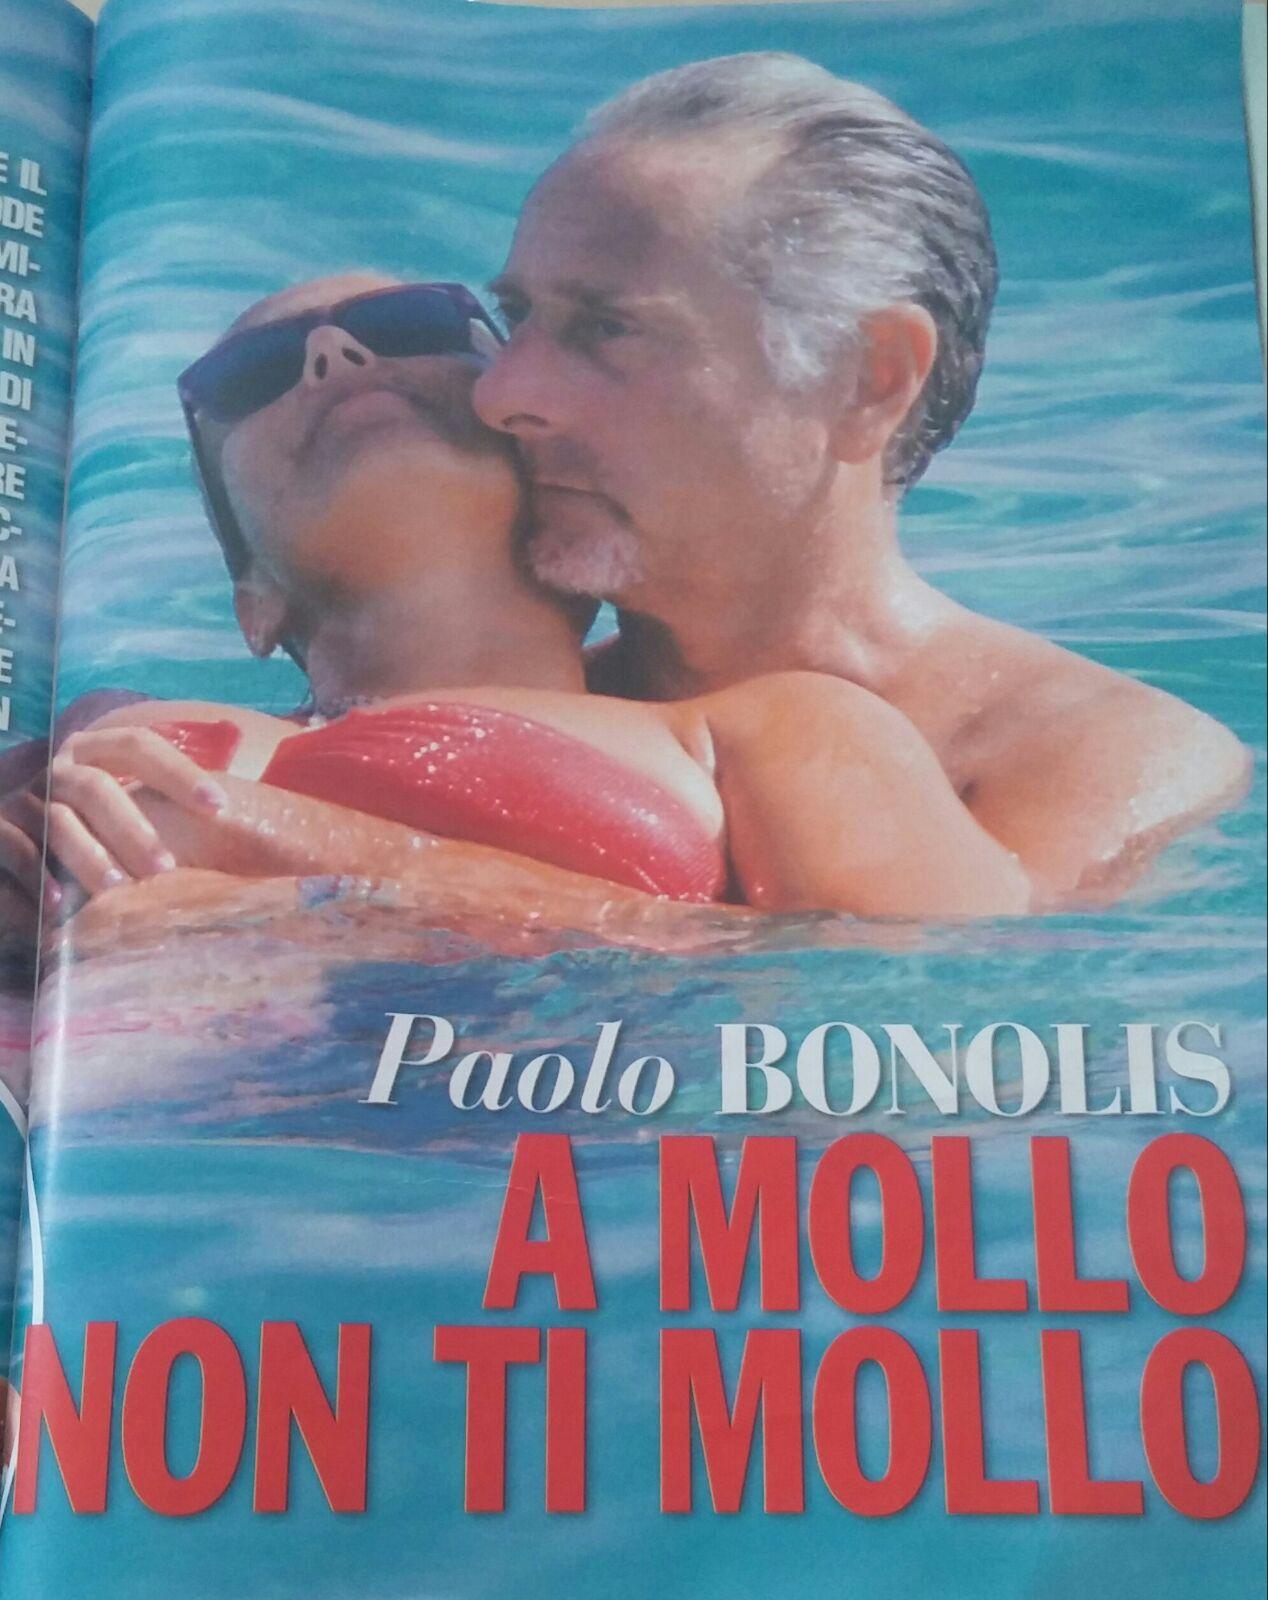 Paolo Bonolis vacanze d'amore con la moglie Sonia Bruganelli [FOTO]